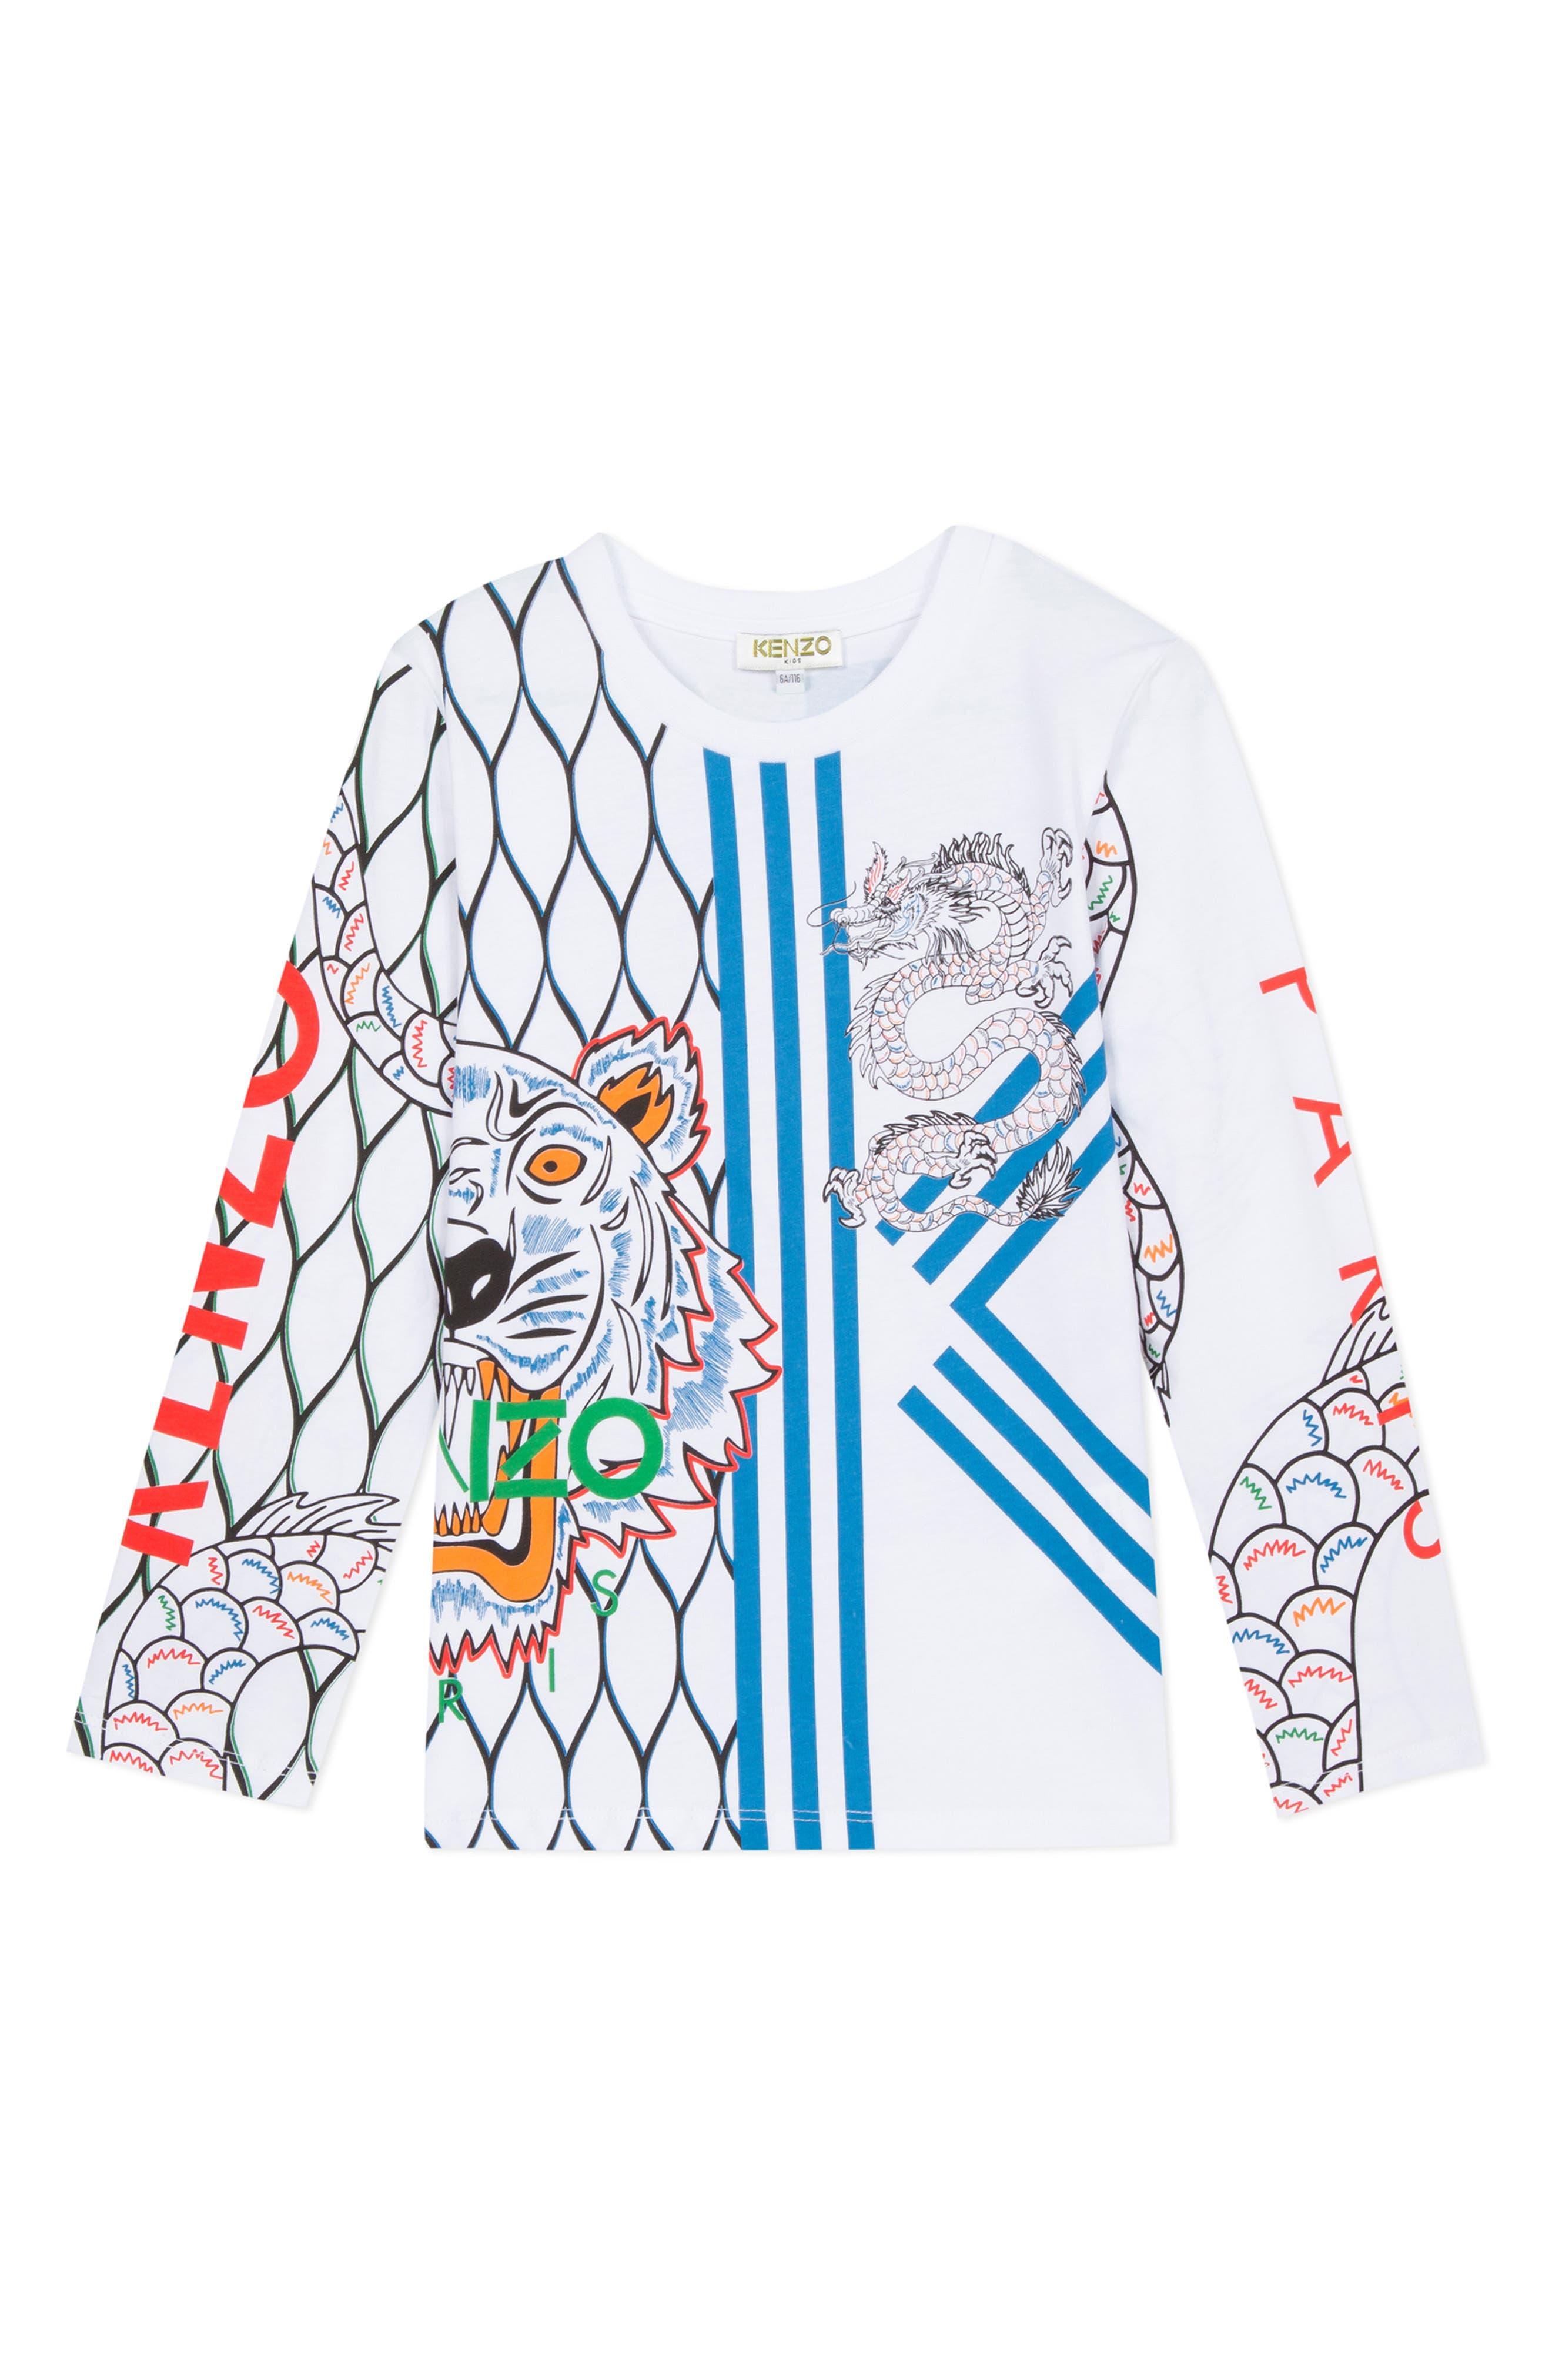 Boys Kenzo Iconic Dragon Graphic TShirt Size 8Y  White